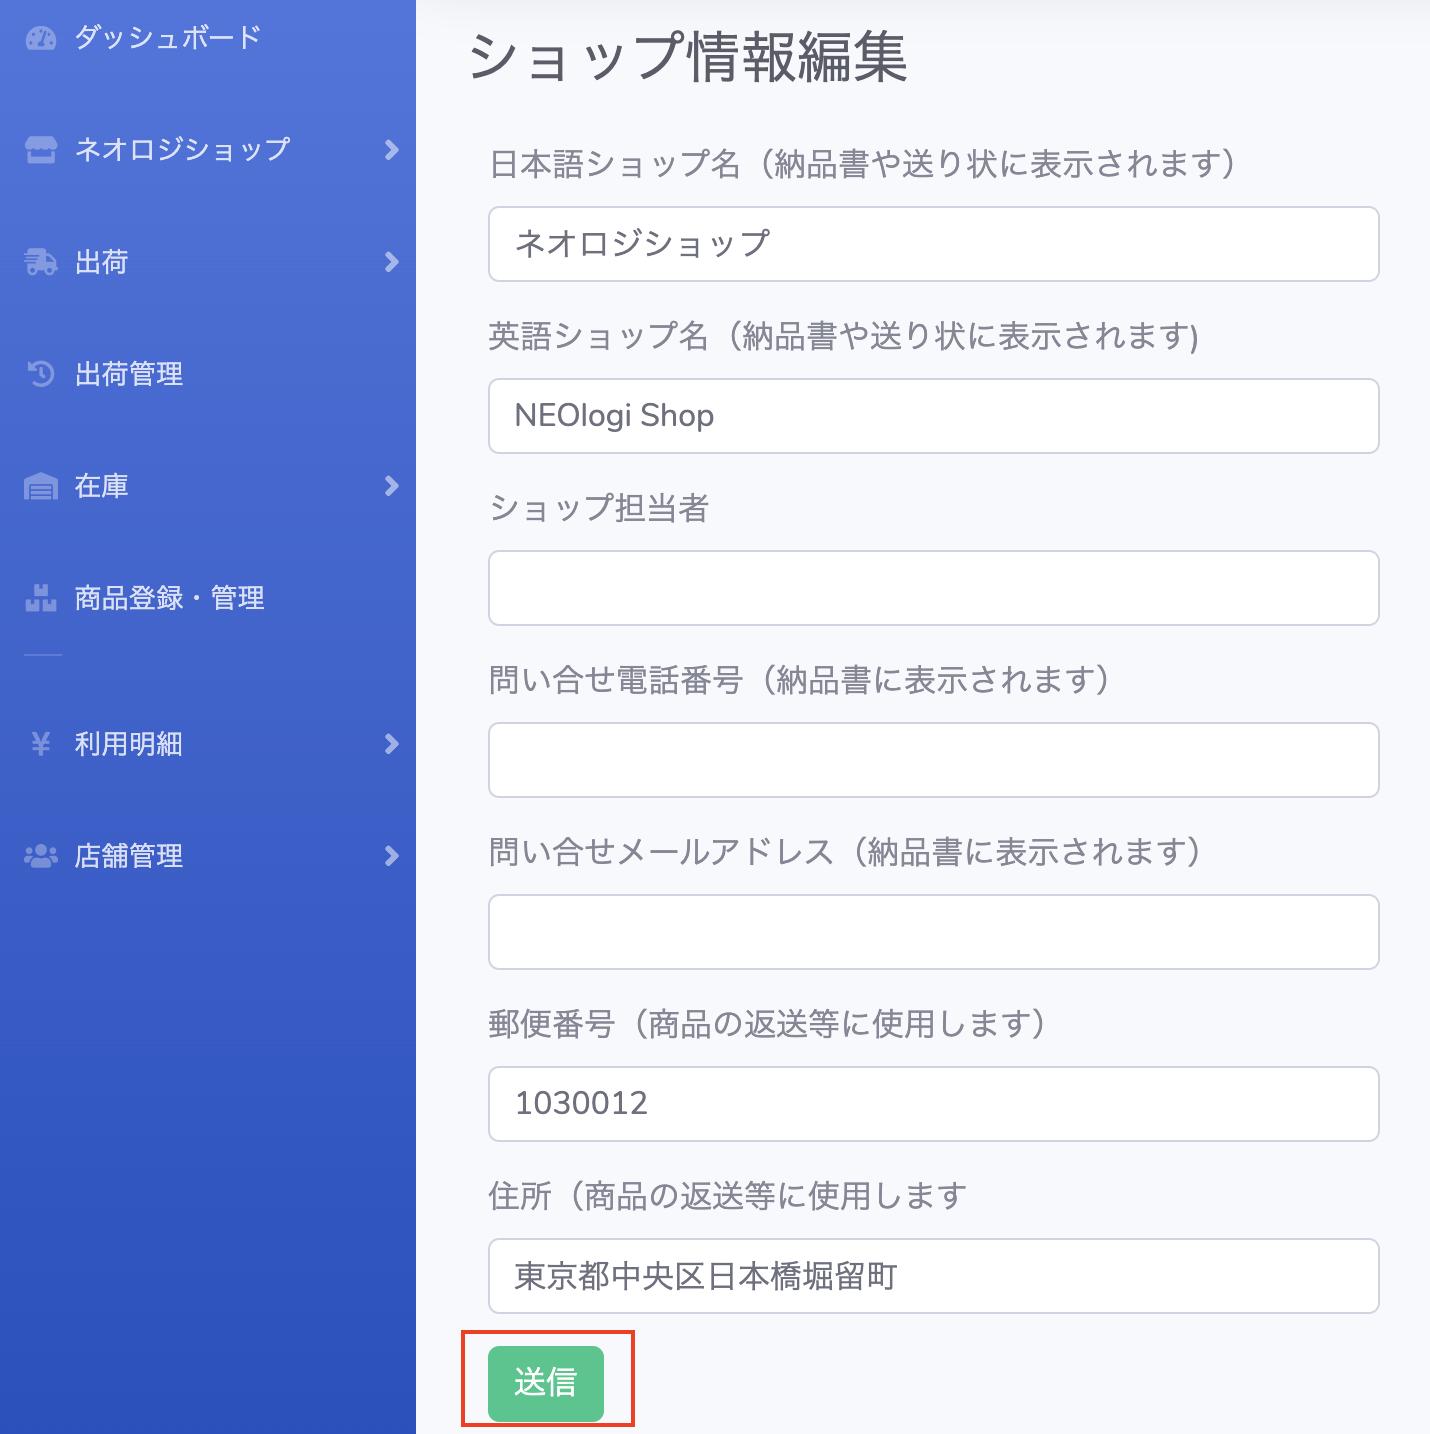 スクリーンショット 2020-06-12 20.10.09.png